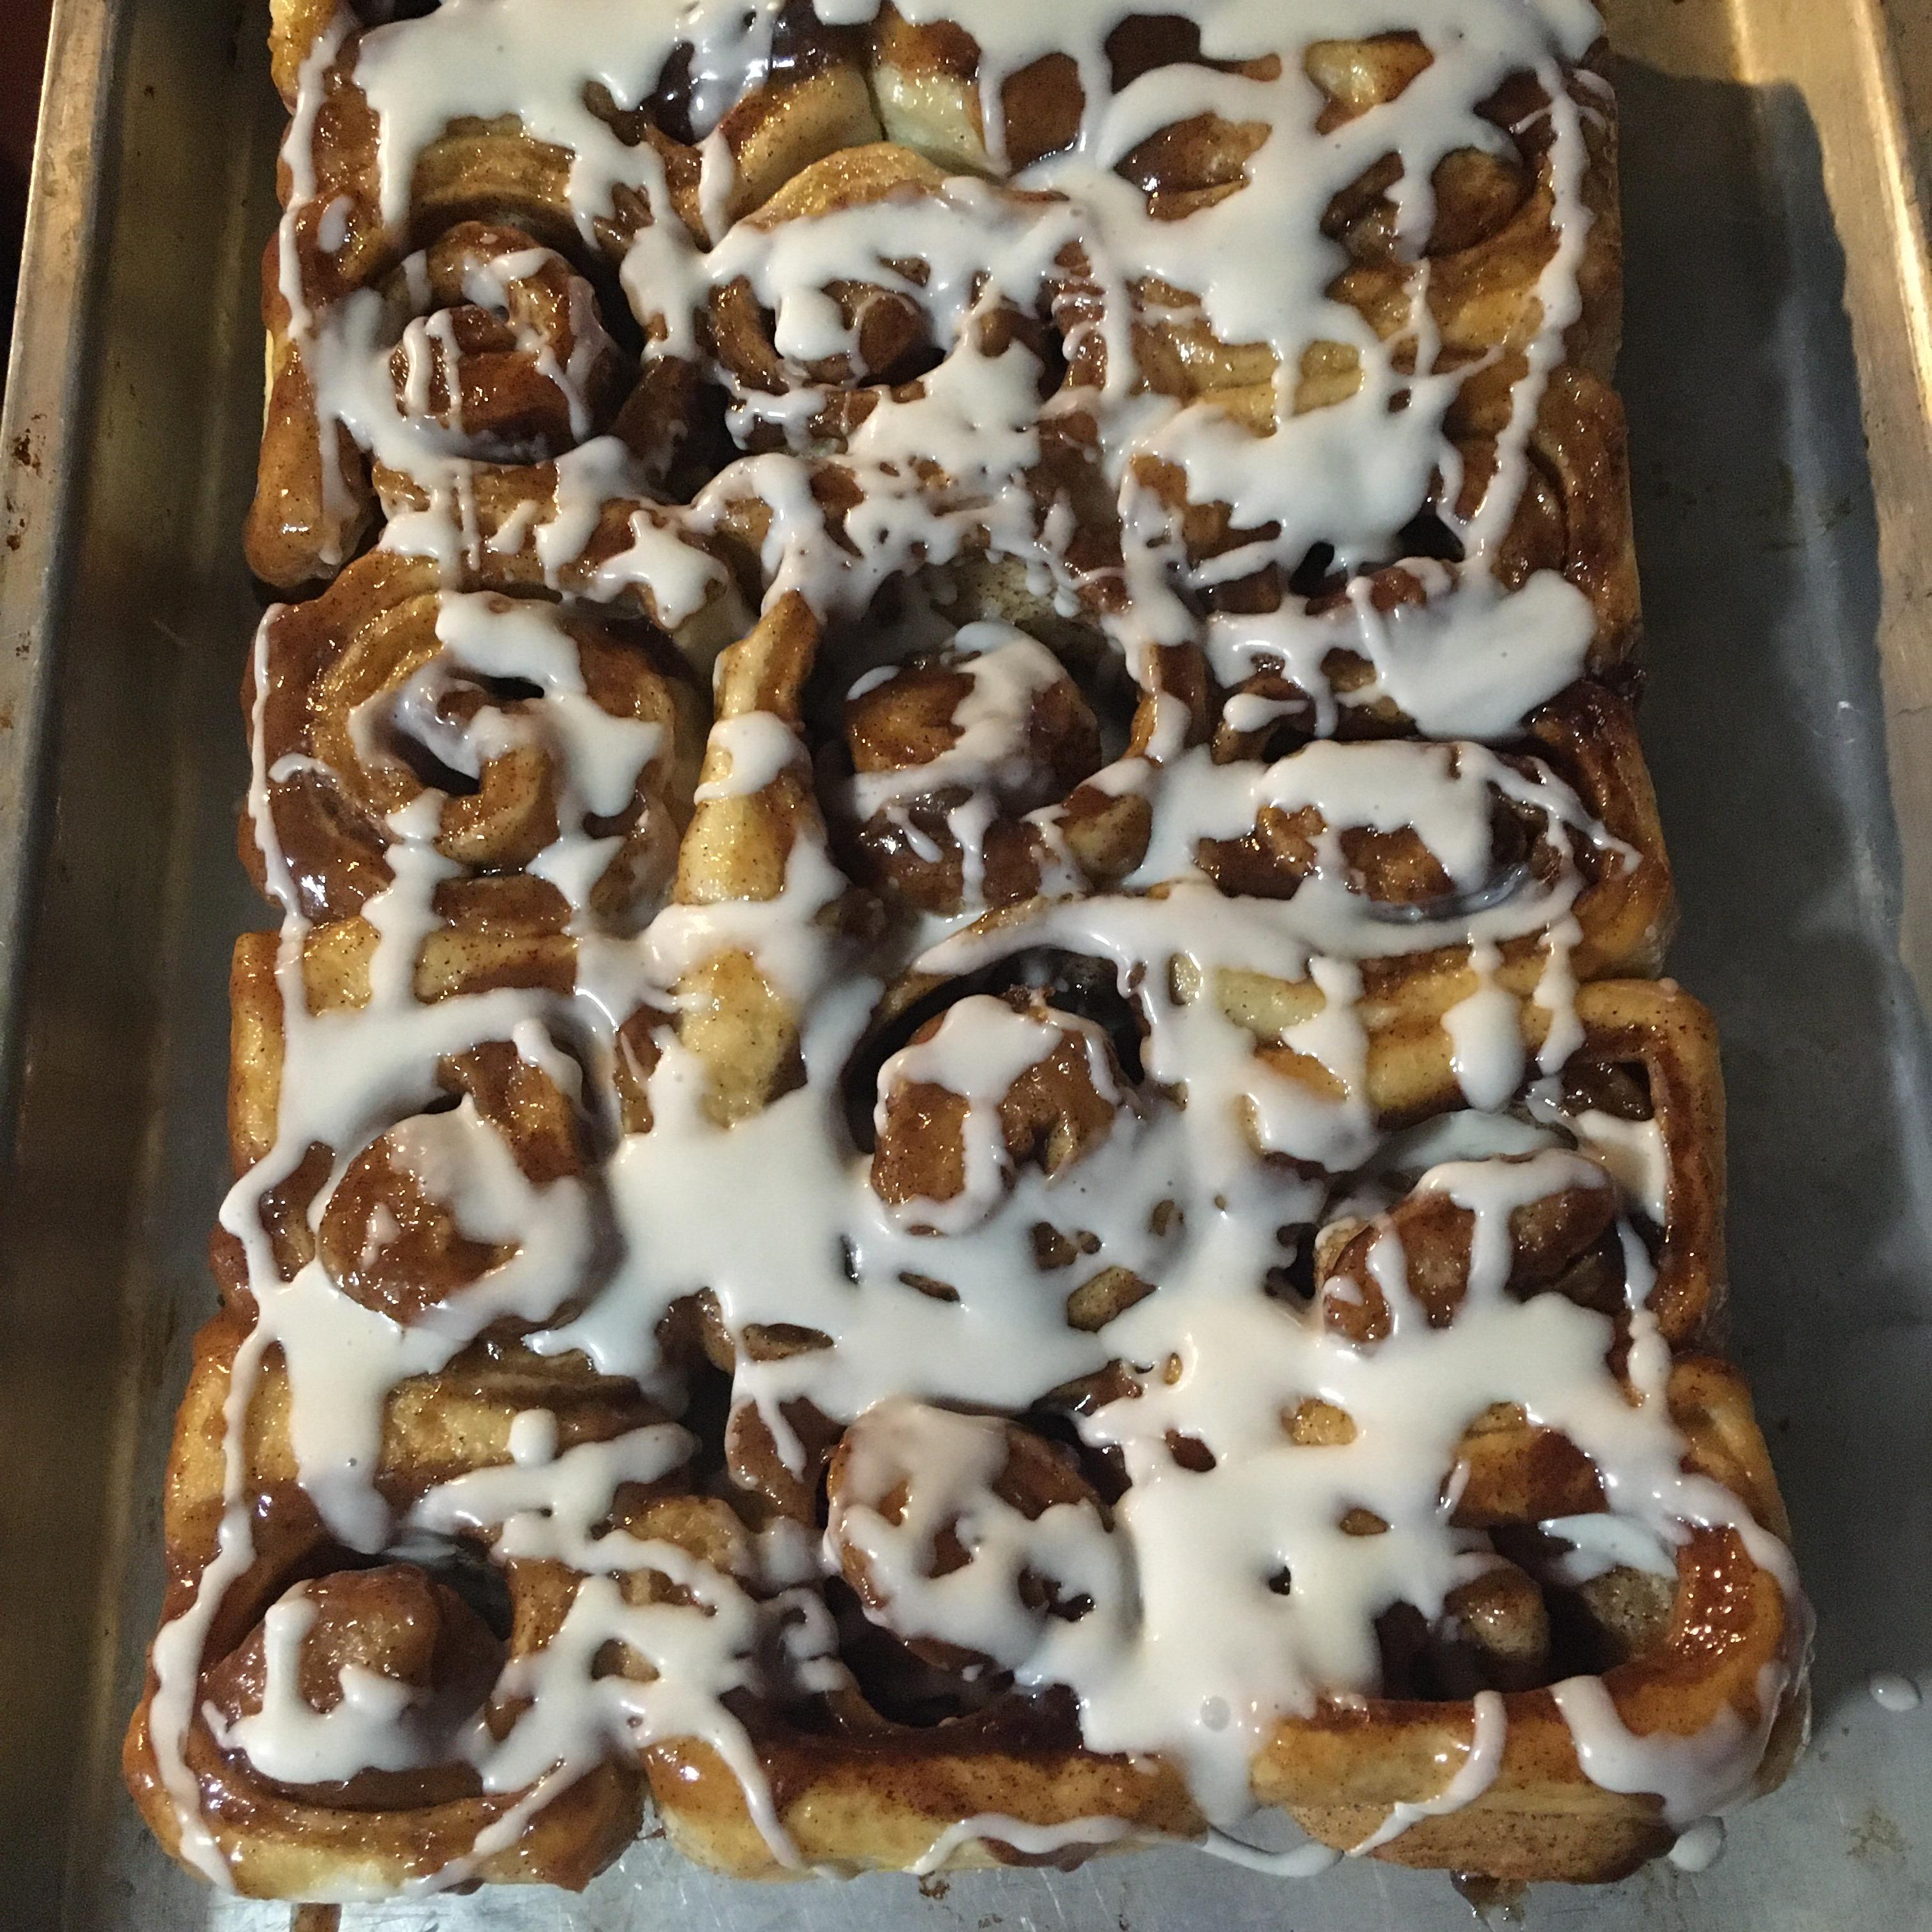 Cinnamon Rolls From Frozen Bread Dough - EASY Bangs